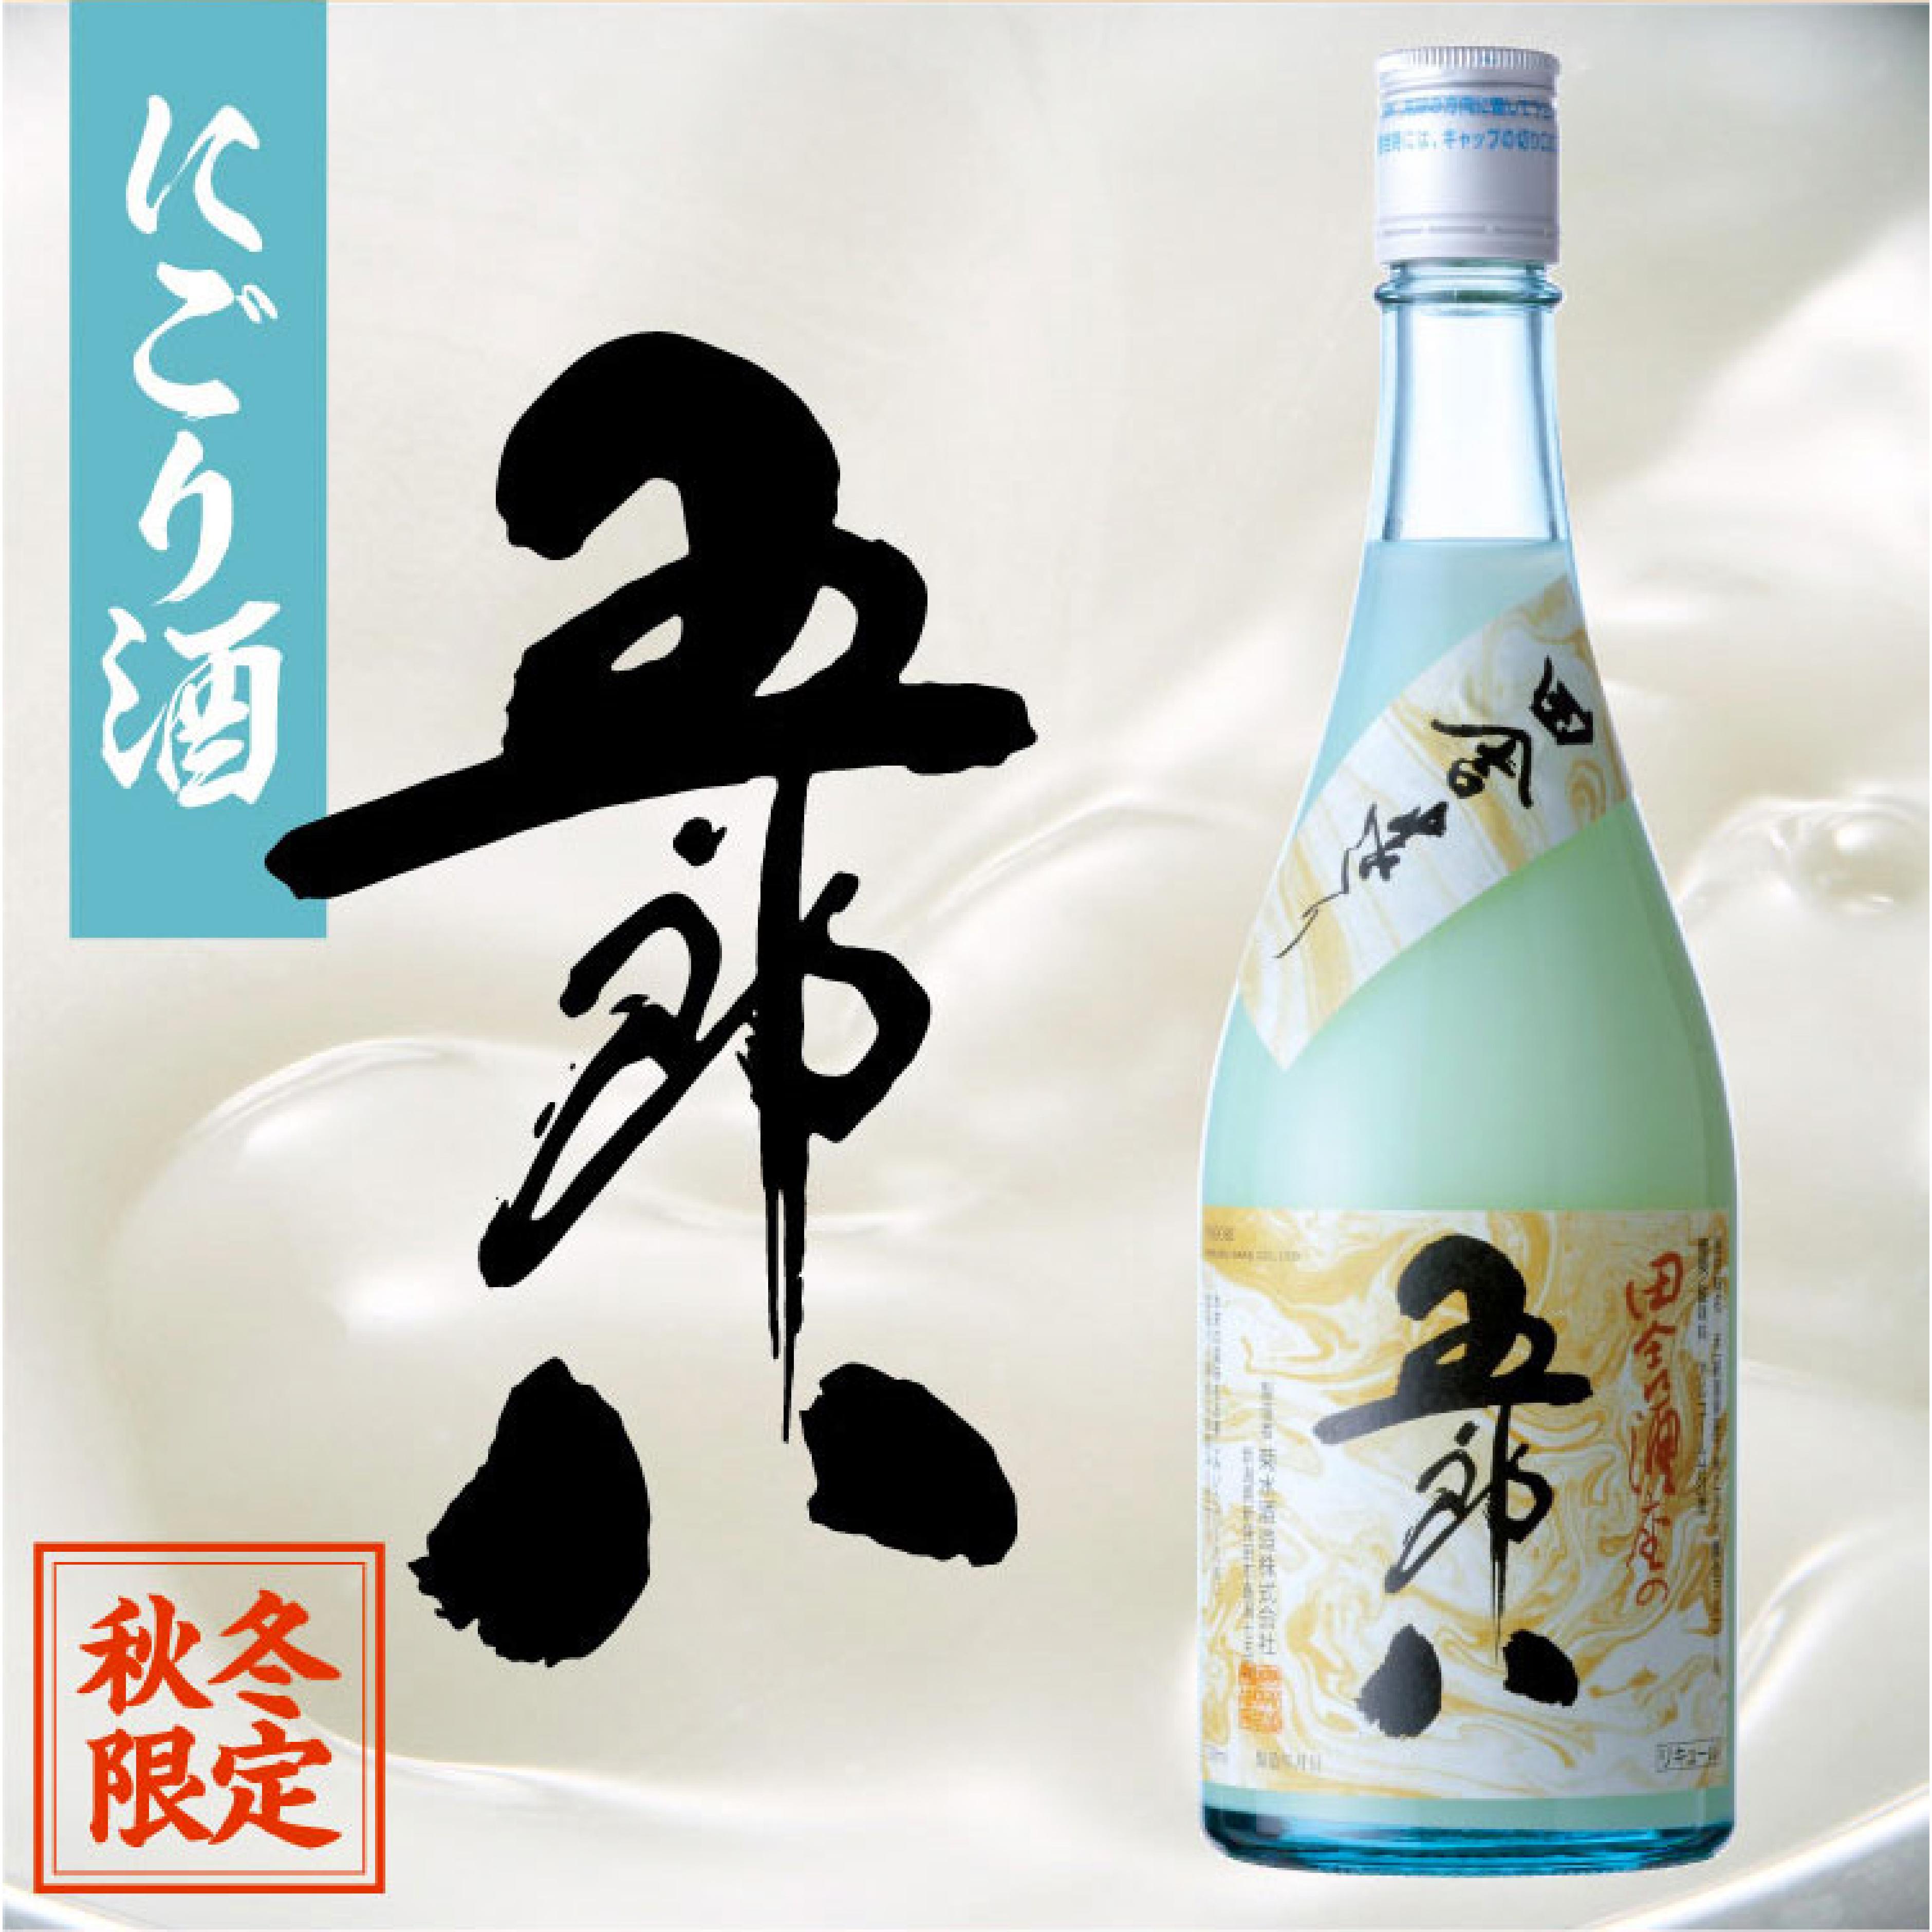 【本日解禁】旬のにごり酒【五郎八】